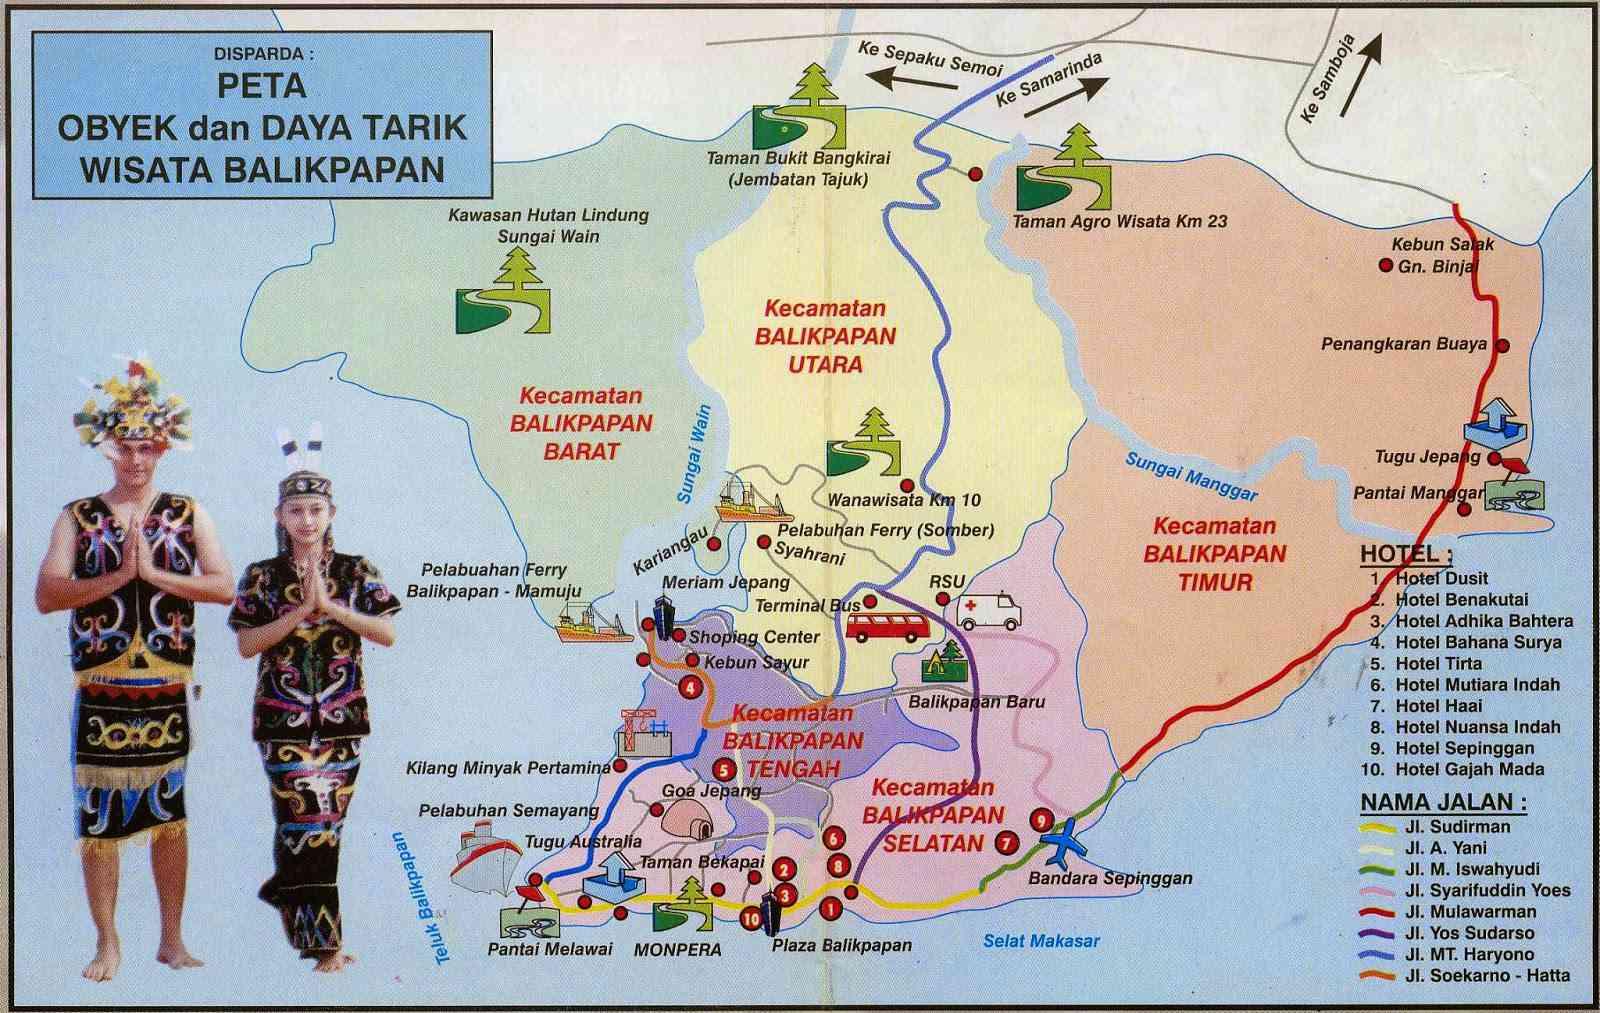 Daftar Tour & Travel Agent Di Balikpapan